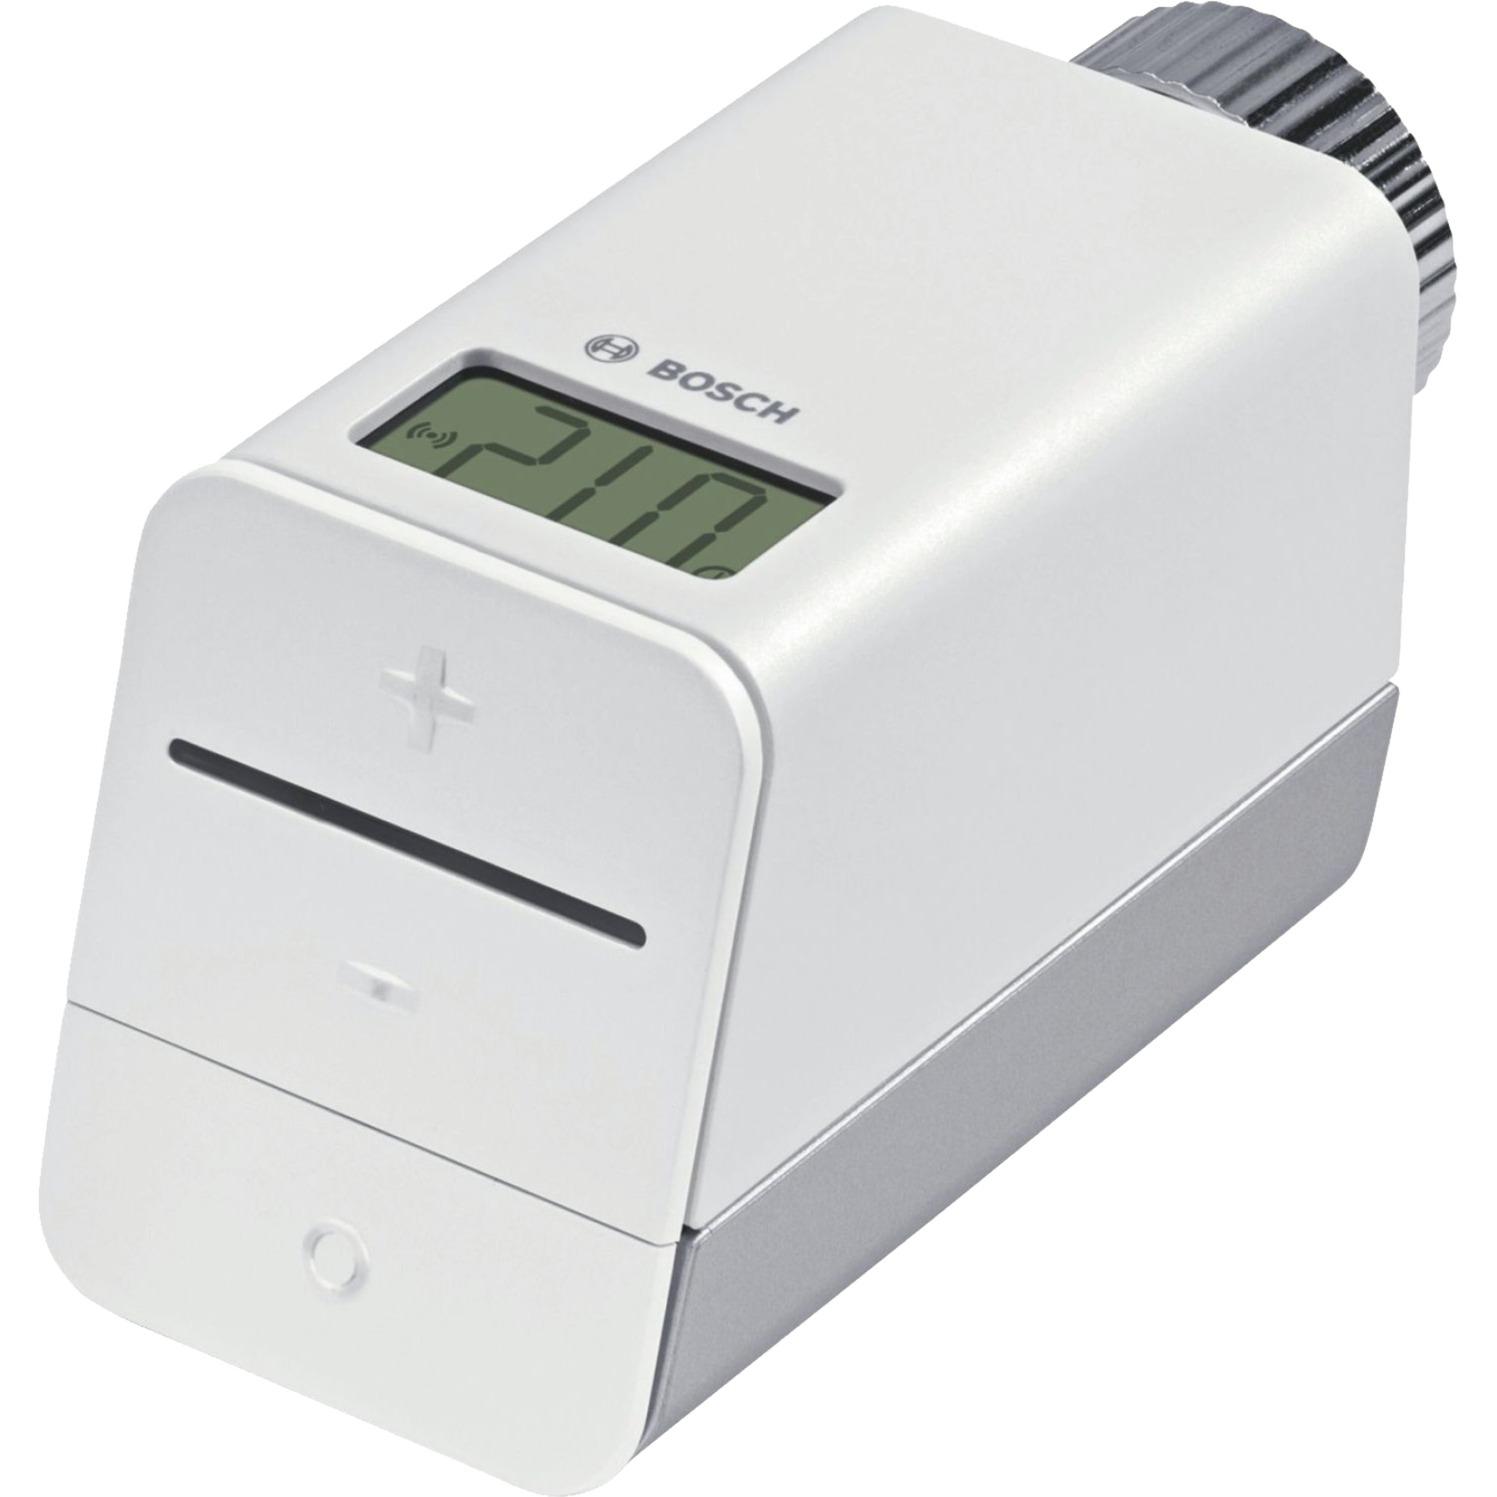 8 750 000 002 termoestato RF Gris, Blanco, Termostato de la calefacción